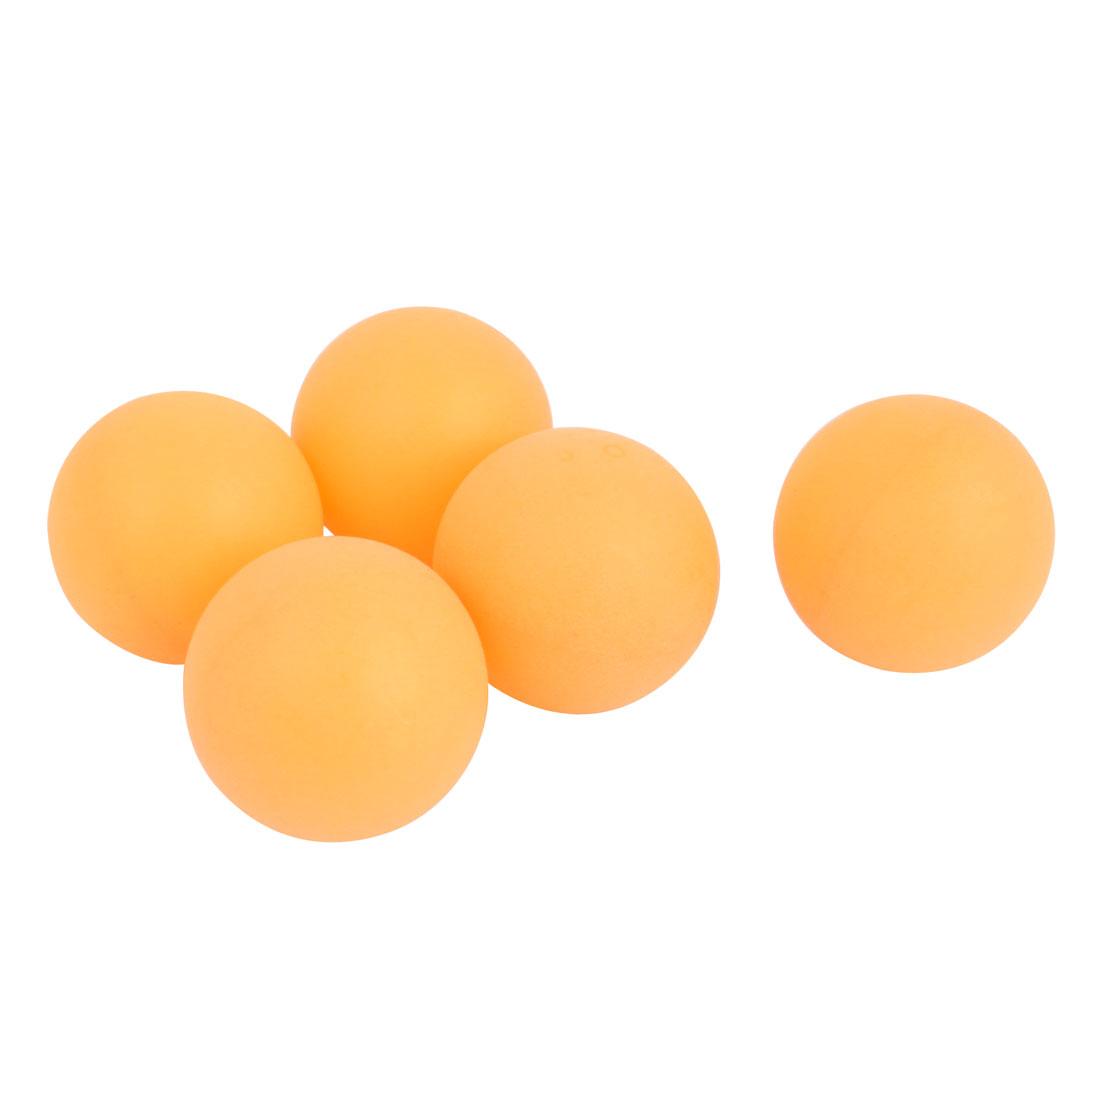 5 Pcs 40mm Diameter Table Tennis Sport Balls Ping Pong Orange